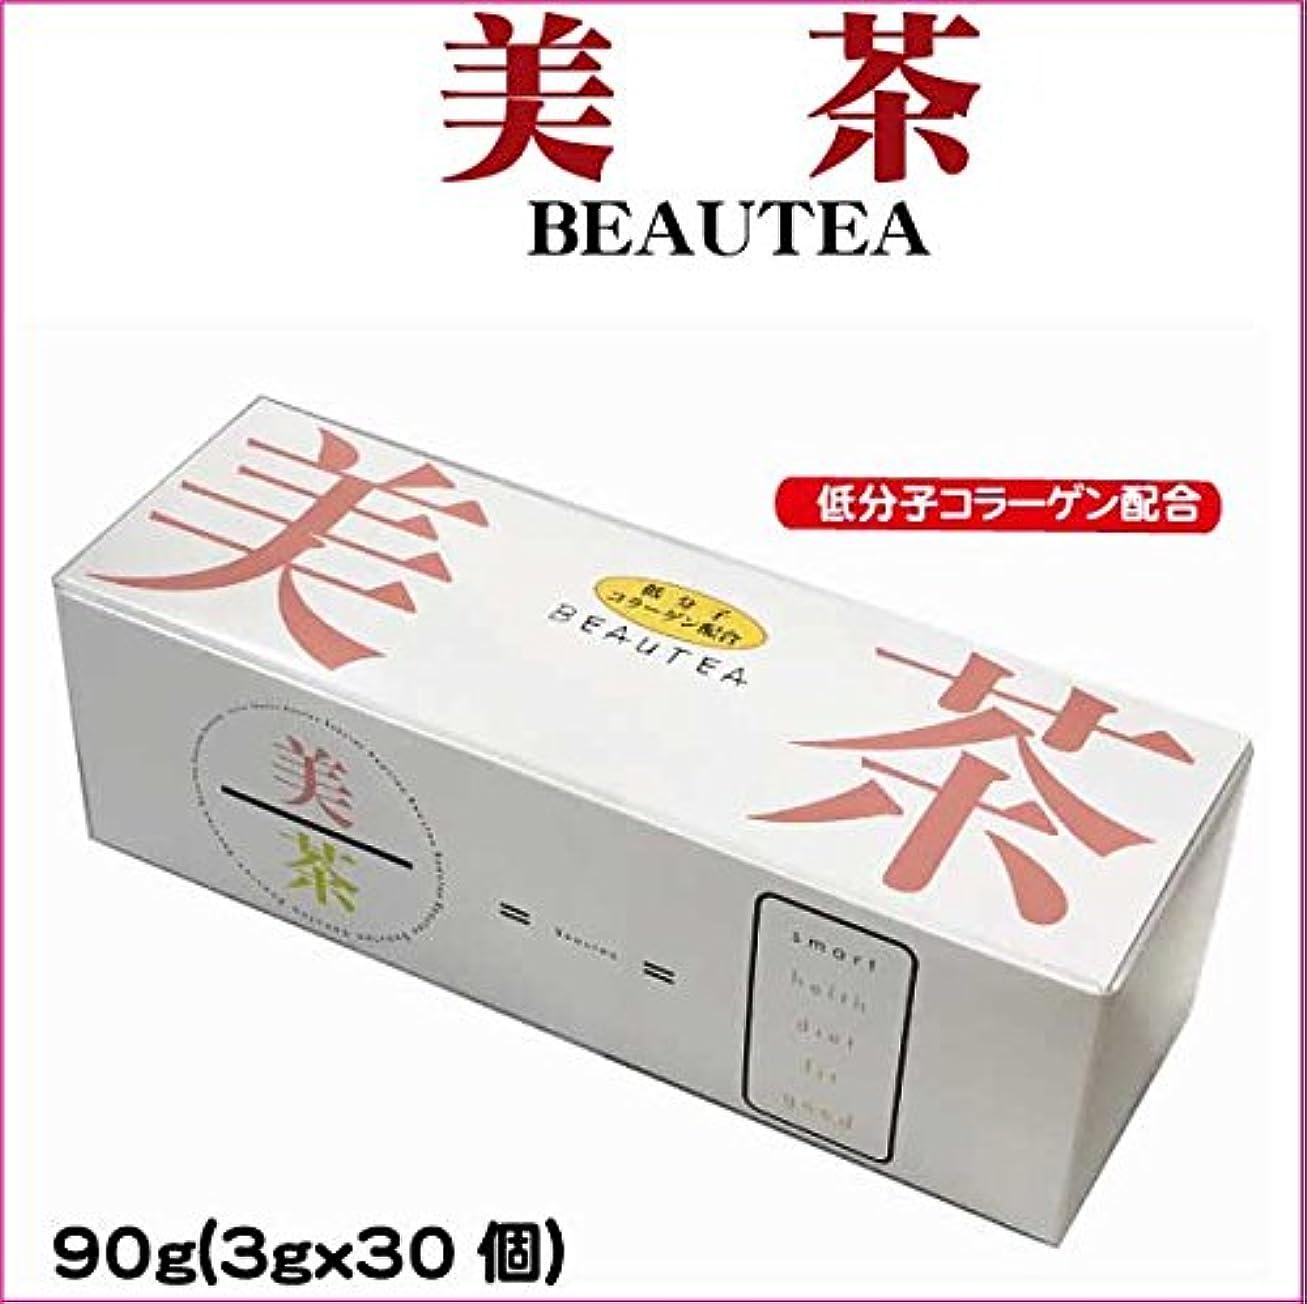 鳴らすコンパクト測定ダイエット茶  美茶(beautea)  ほうじ茶ベース?3gX30包み 1箱